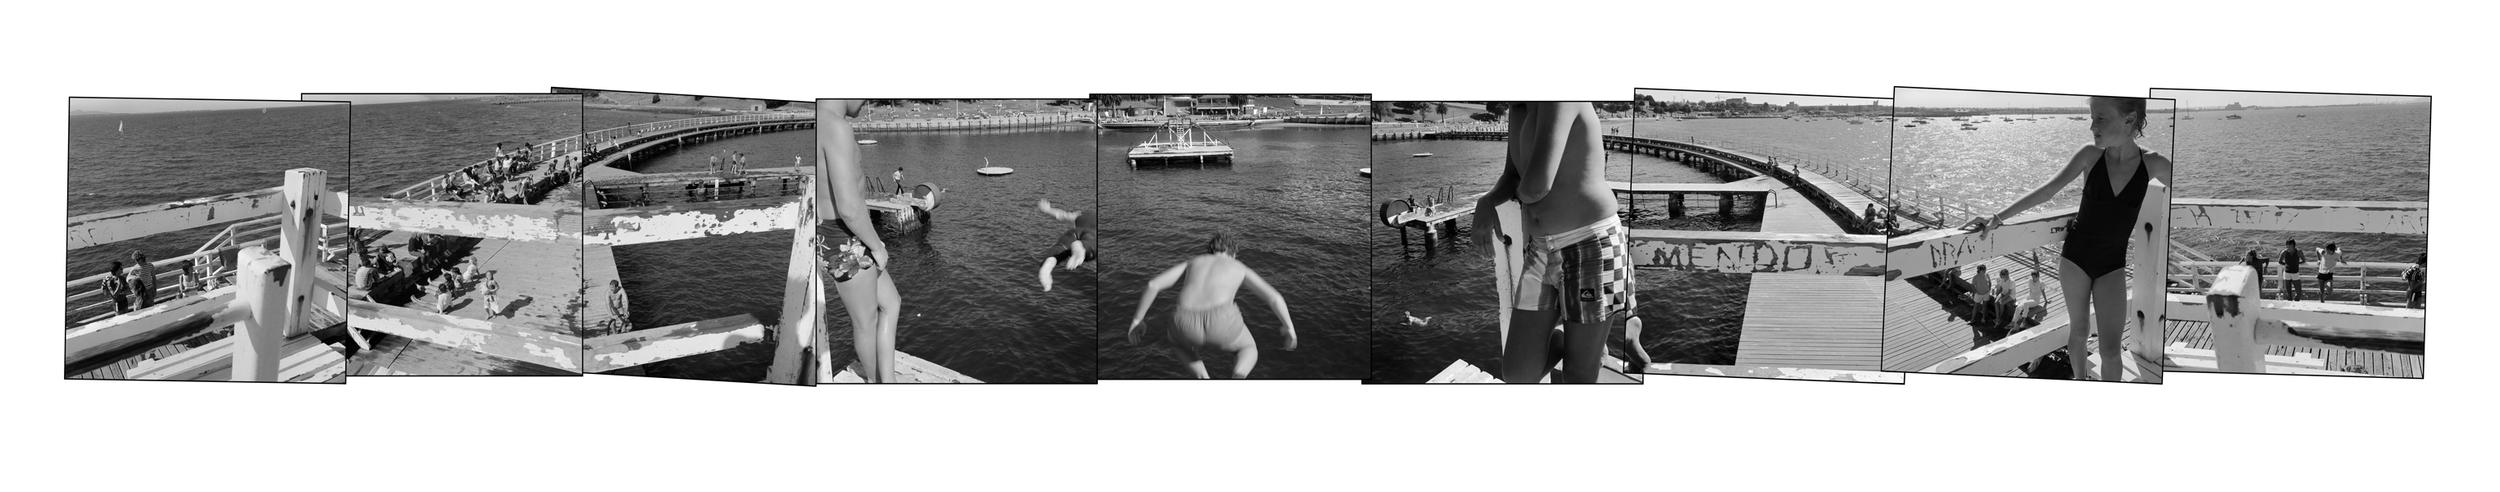 John O'Neil Eastern Beach (Somersaults) Photograph 61x300cms (unframed $2,750)